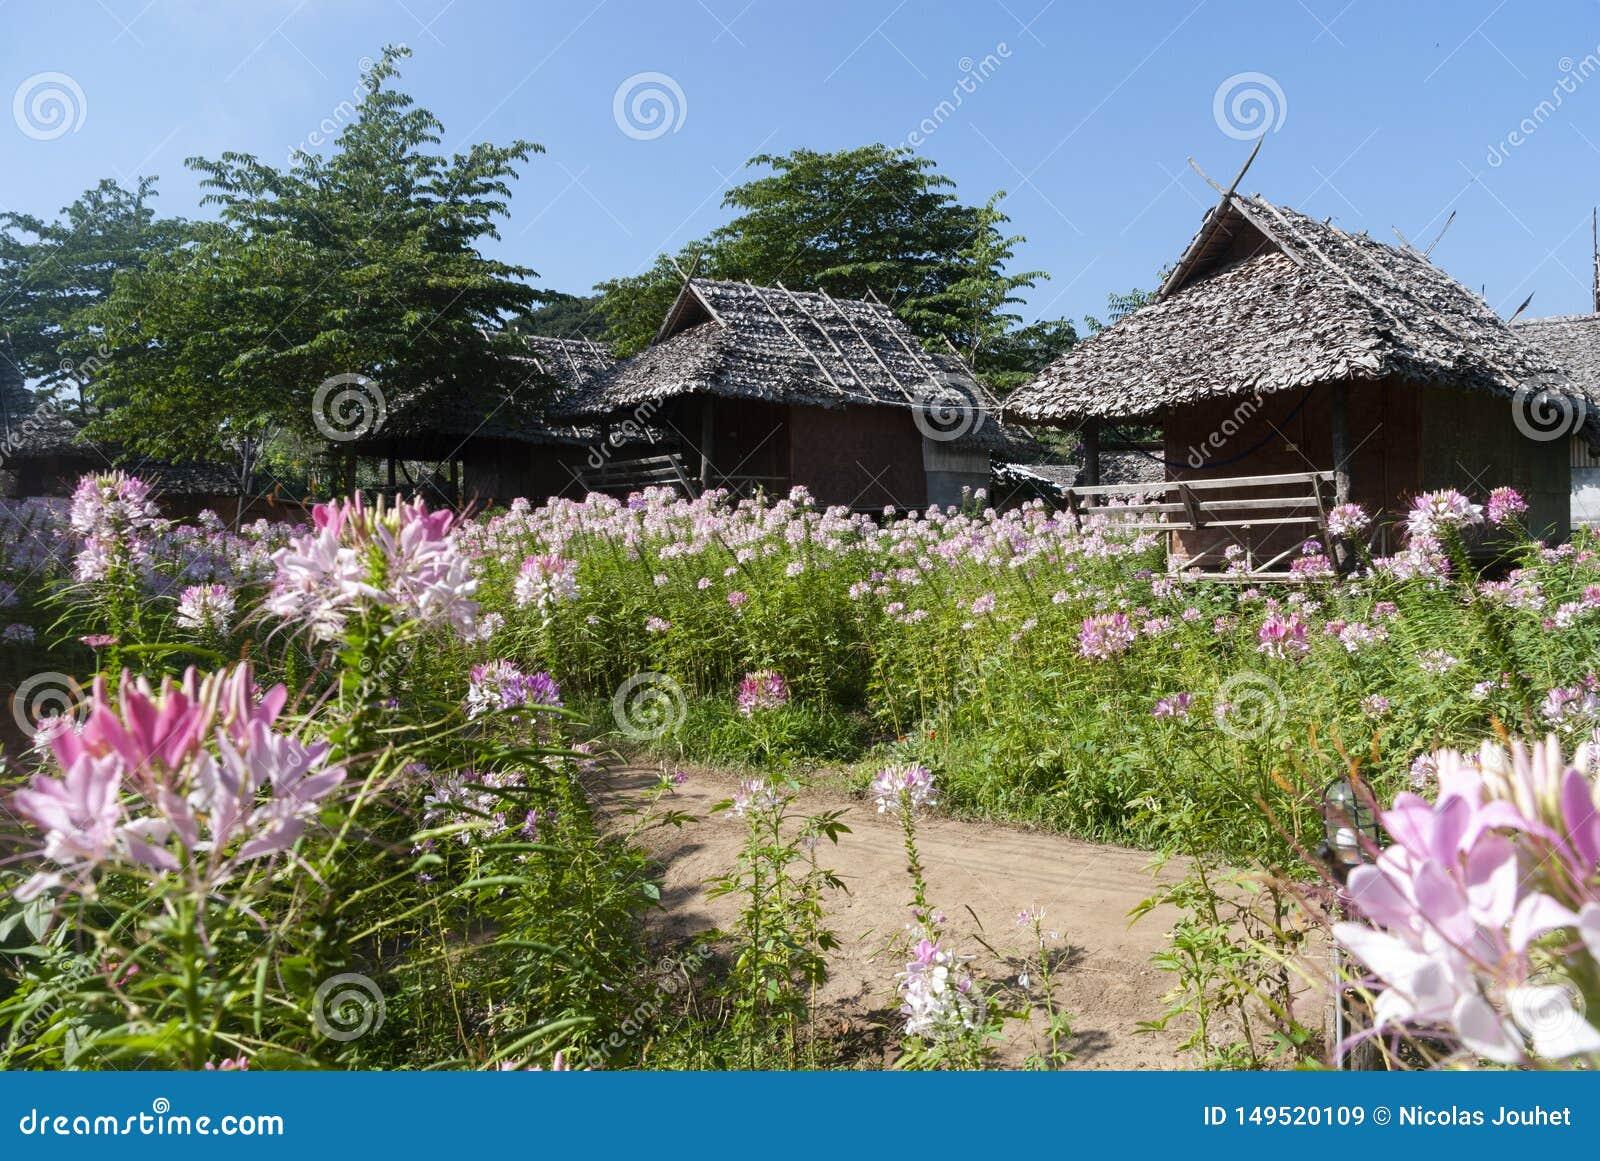 Choza de bamb? con las flores en Tailandia septentrional